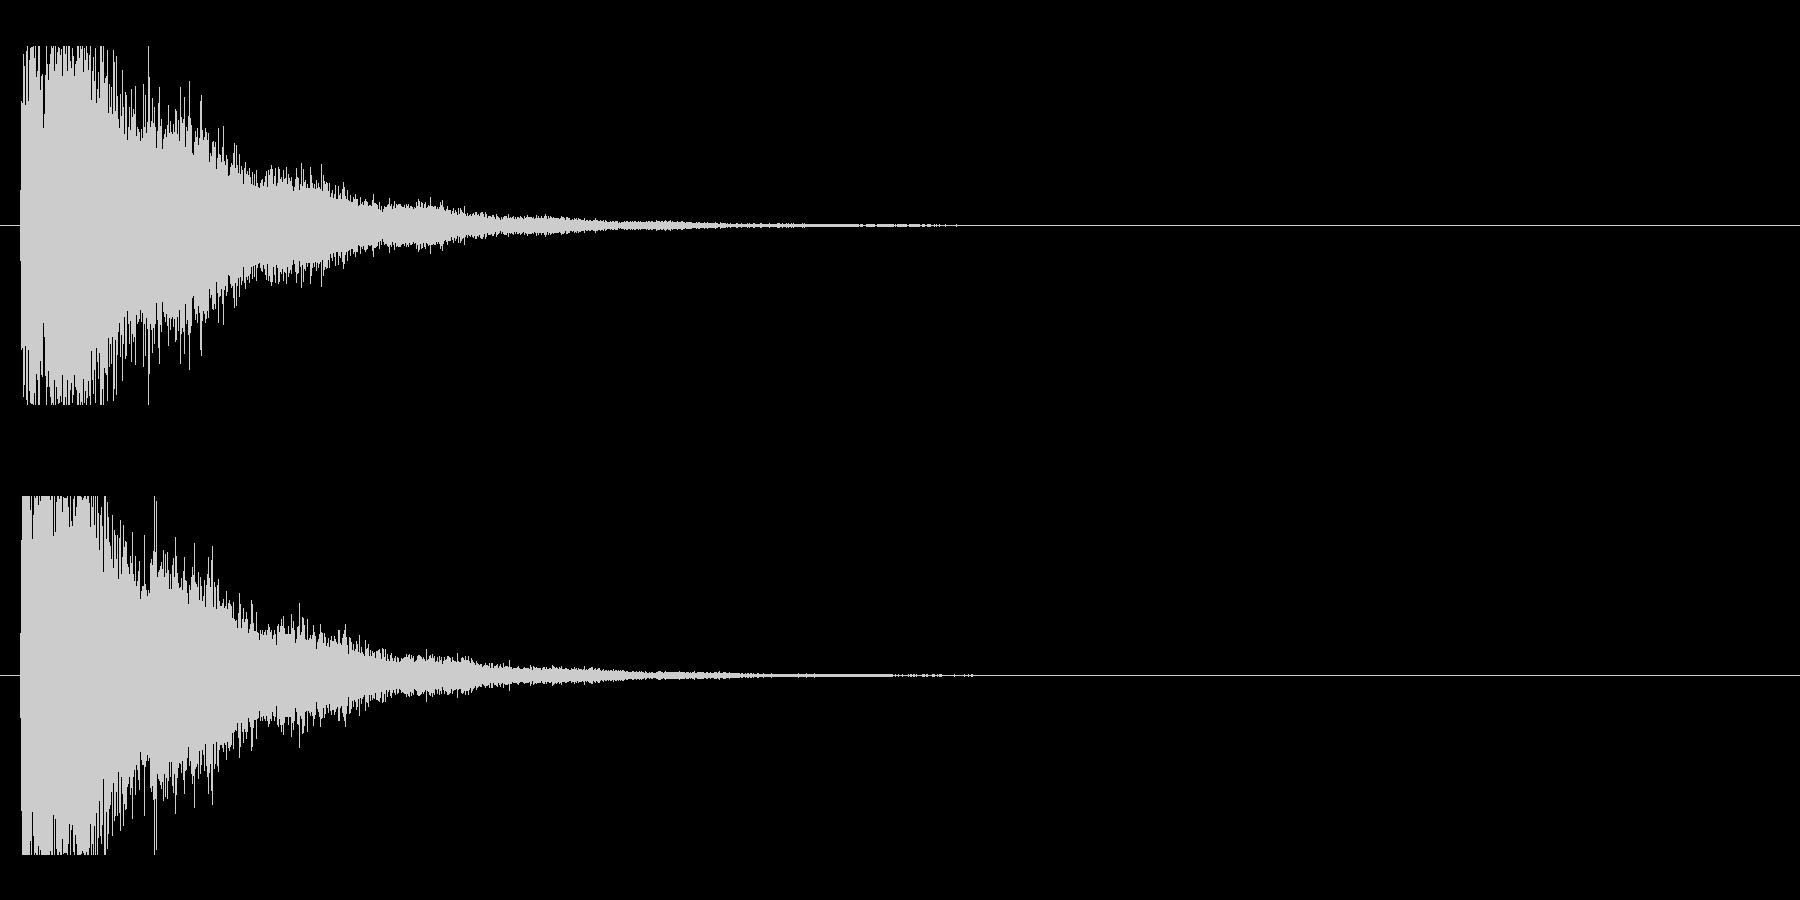 レーザー音-75-2の未再生の波形